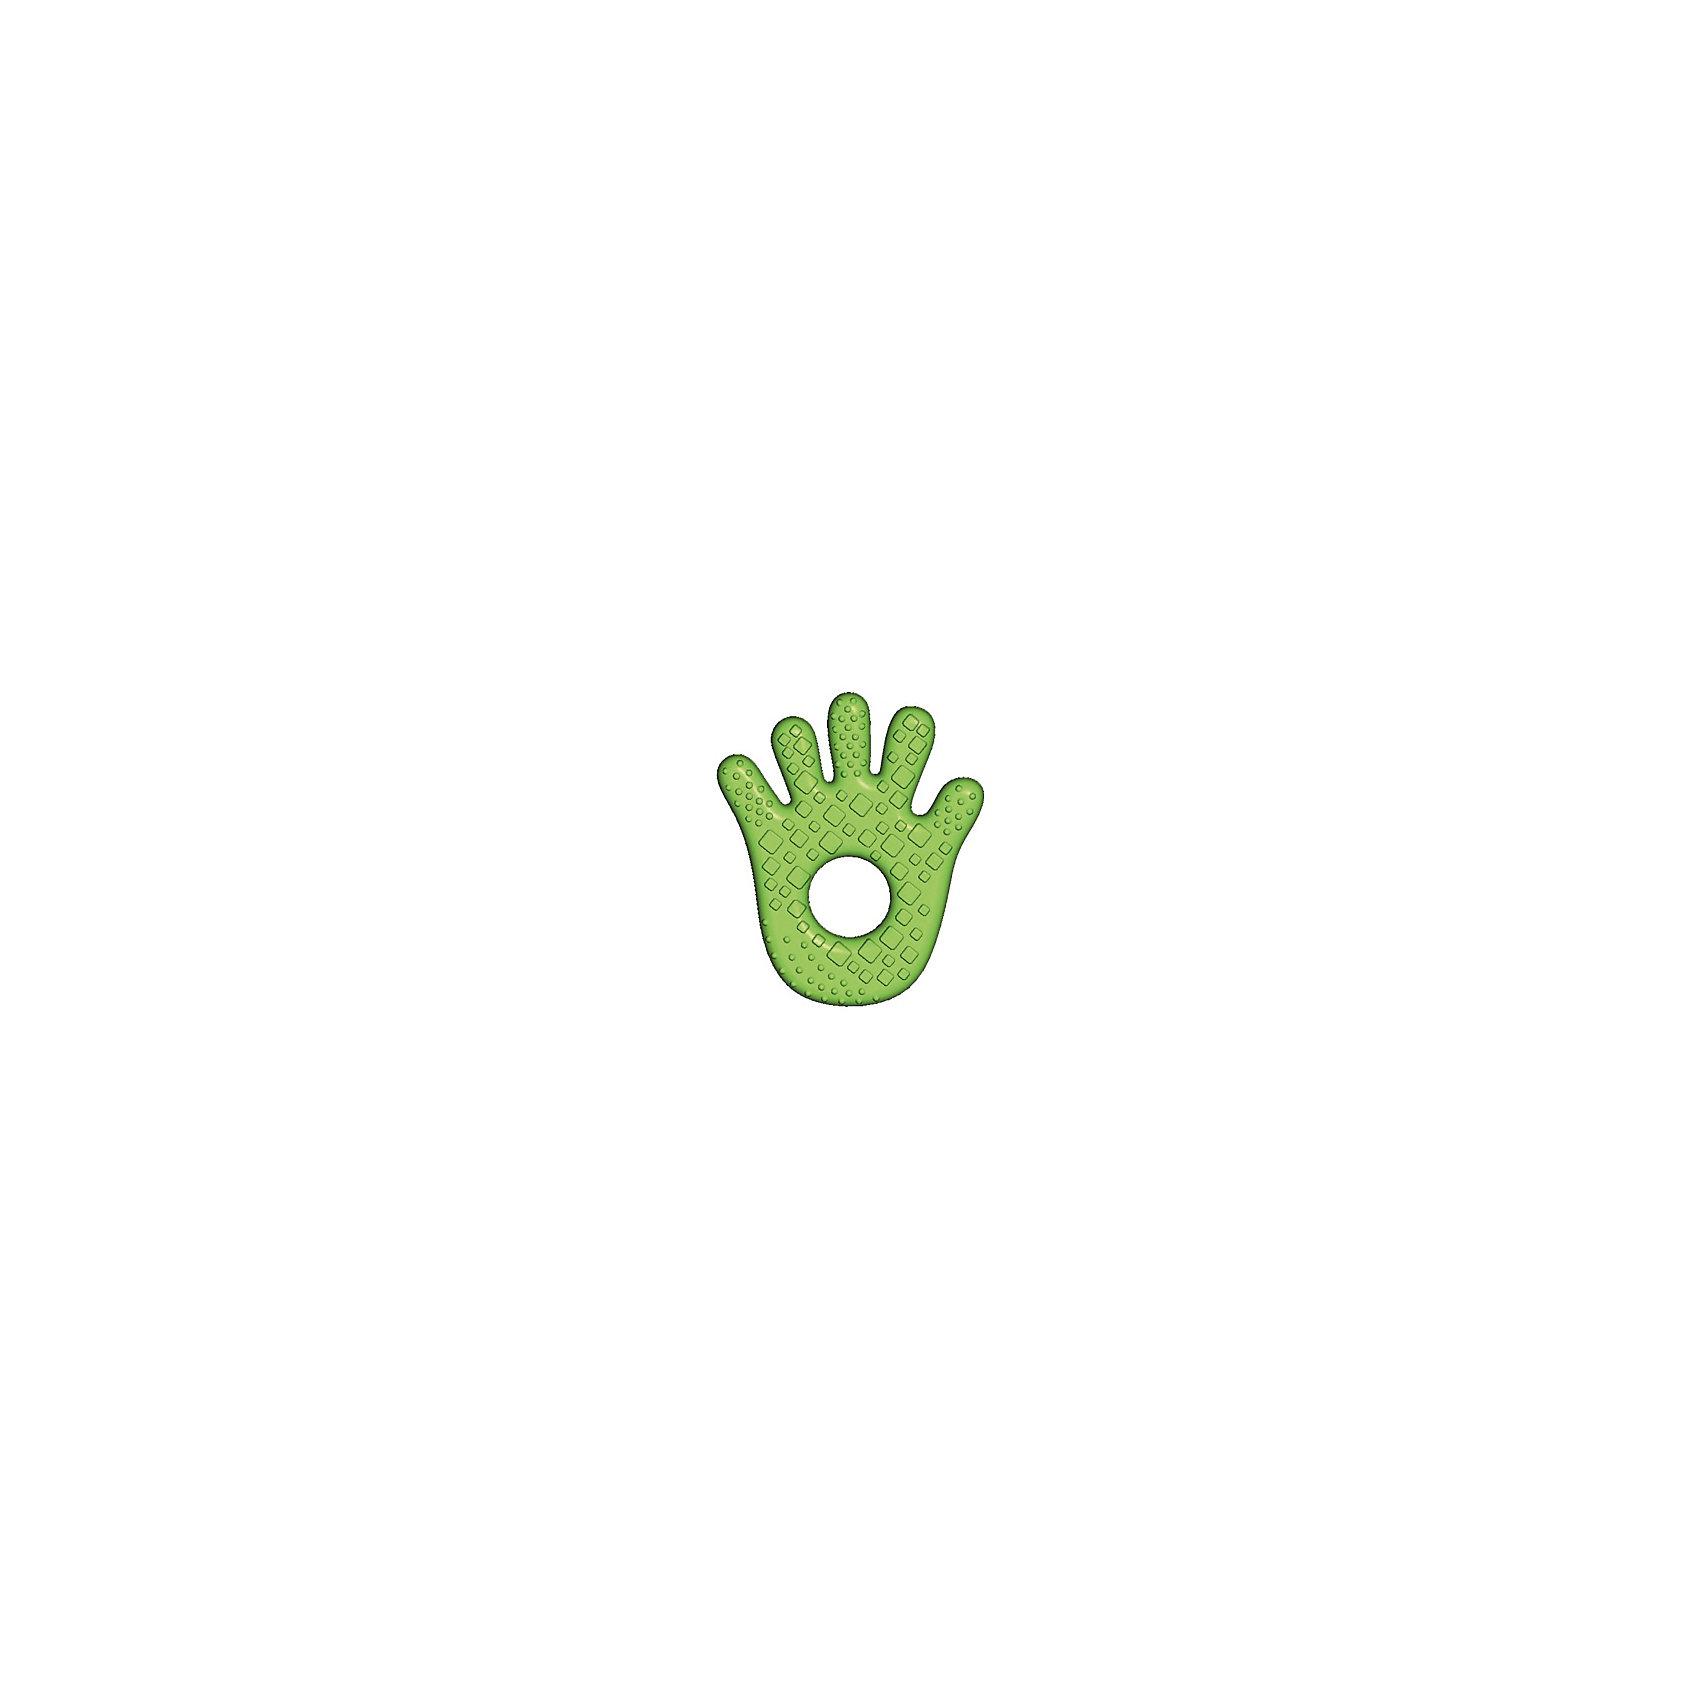 Прорезыватель Bright Starts «Ладошка»Прорезыватели<br>Прорезыватель забавной формы успокоит нежные десны малыша!<br><br>Особенности<br>Мягкий прорезыватели для зубок наполнен водой<br>Удобно держать маленькими ручками<br><br>Дополнительные характеристики<br>Размеры товара: 9 х 2 х 18 см<br>Размеры коробки: 12 х 2 х 19,5 см<br><br>Ширина мм: 9999<br>Глубина мм: 9999<br>Высота мм: 9999<br>Вес г: 9999<br>Возраст от месяцев: 0<br>Возраст до месяцев: 5<br>Пол: Унисекс<br>Возраст: Детский<br>SKU: 7064562